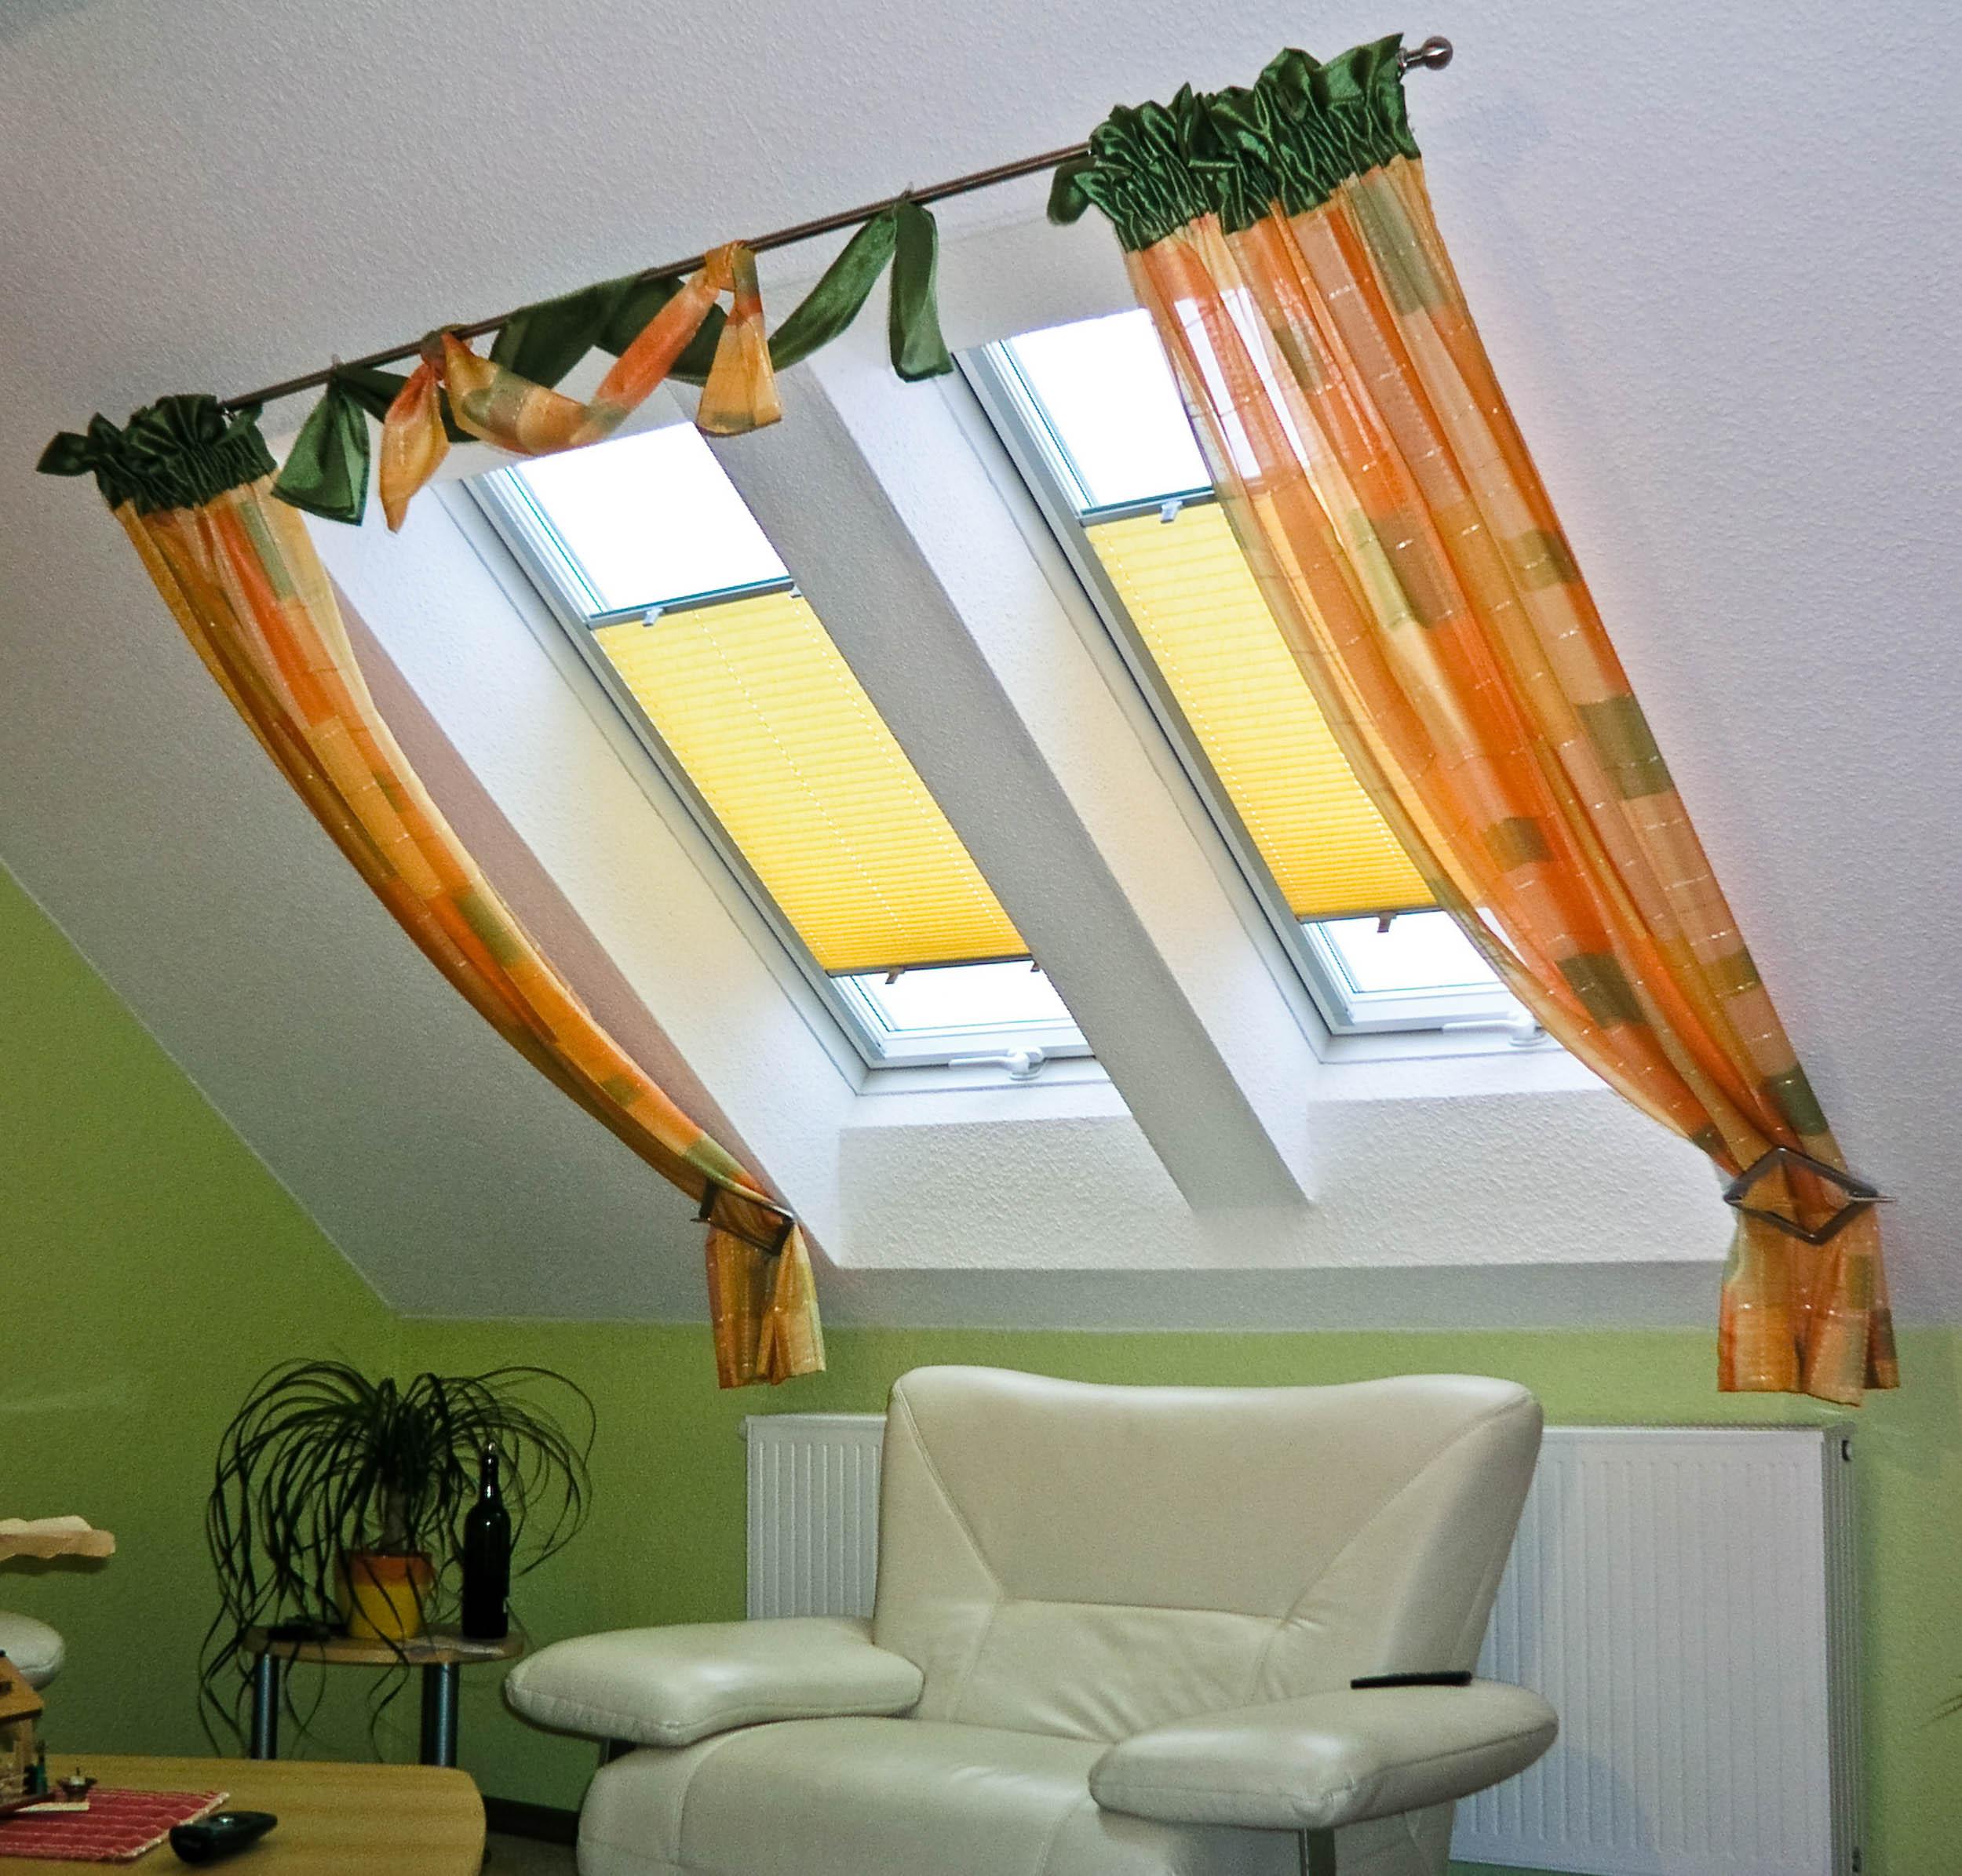 шторы для нестандартных окон в картинках веретеница происходит веретена